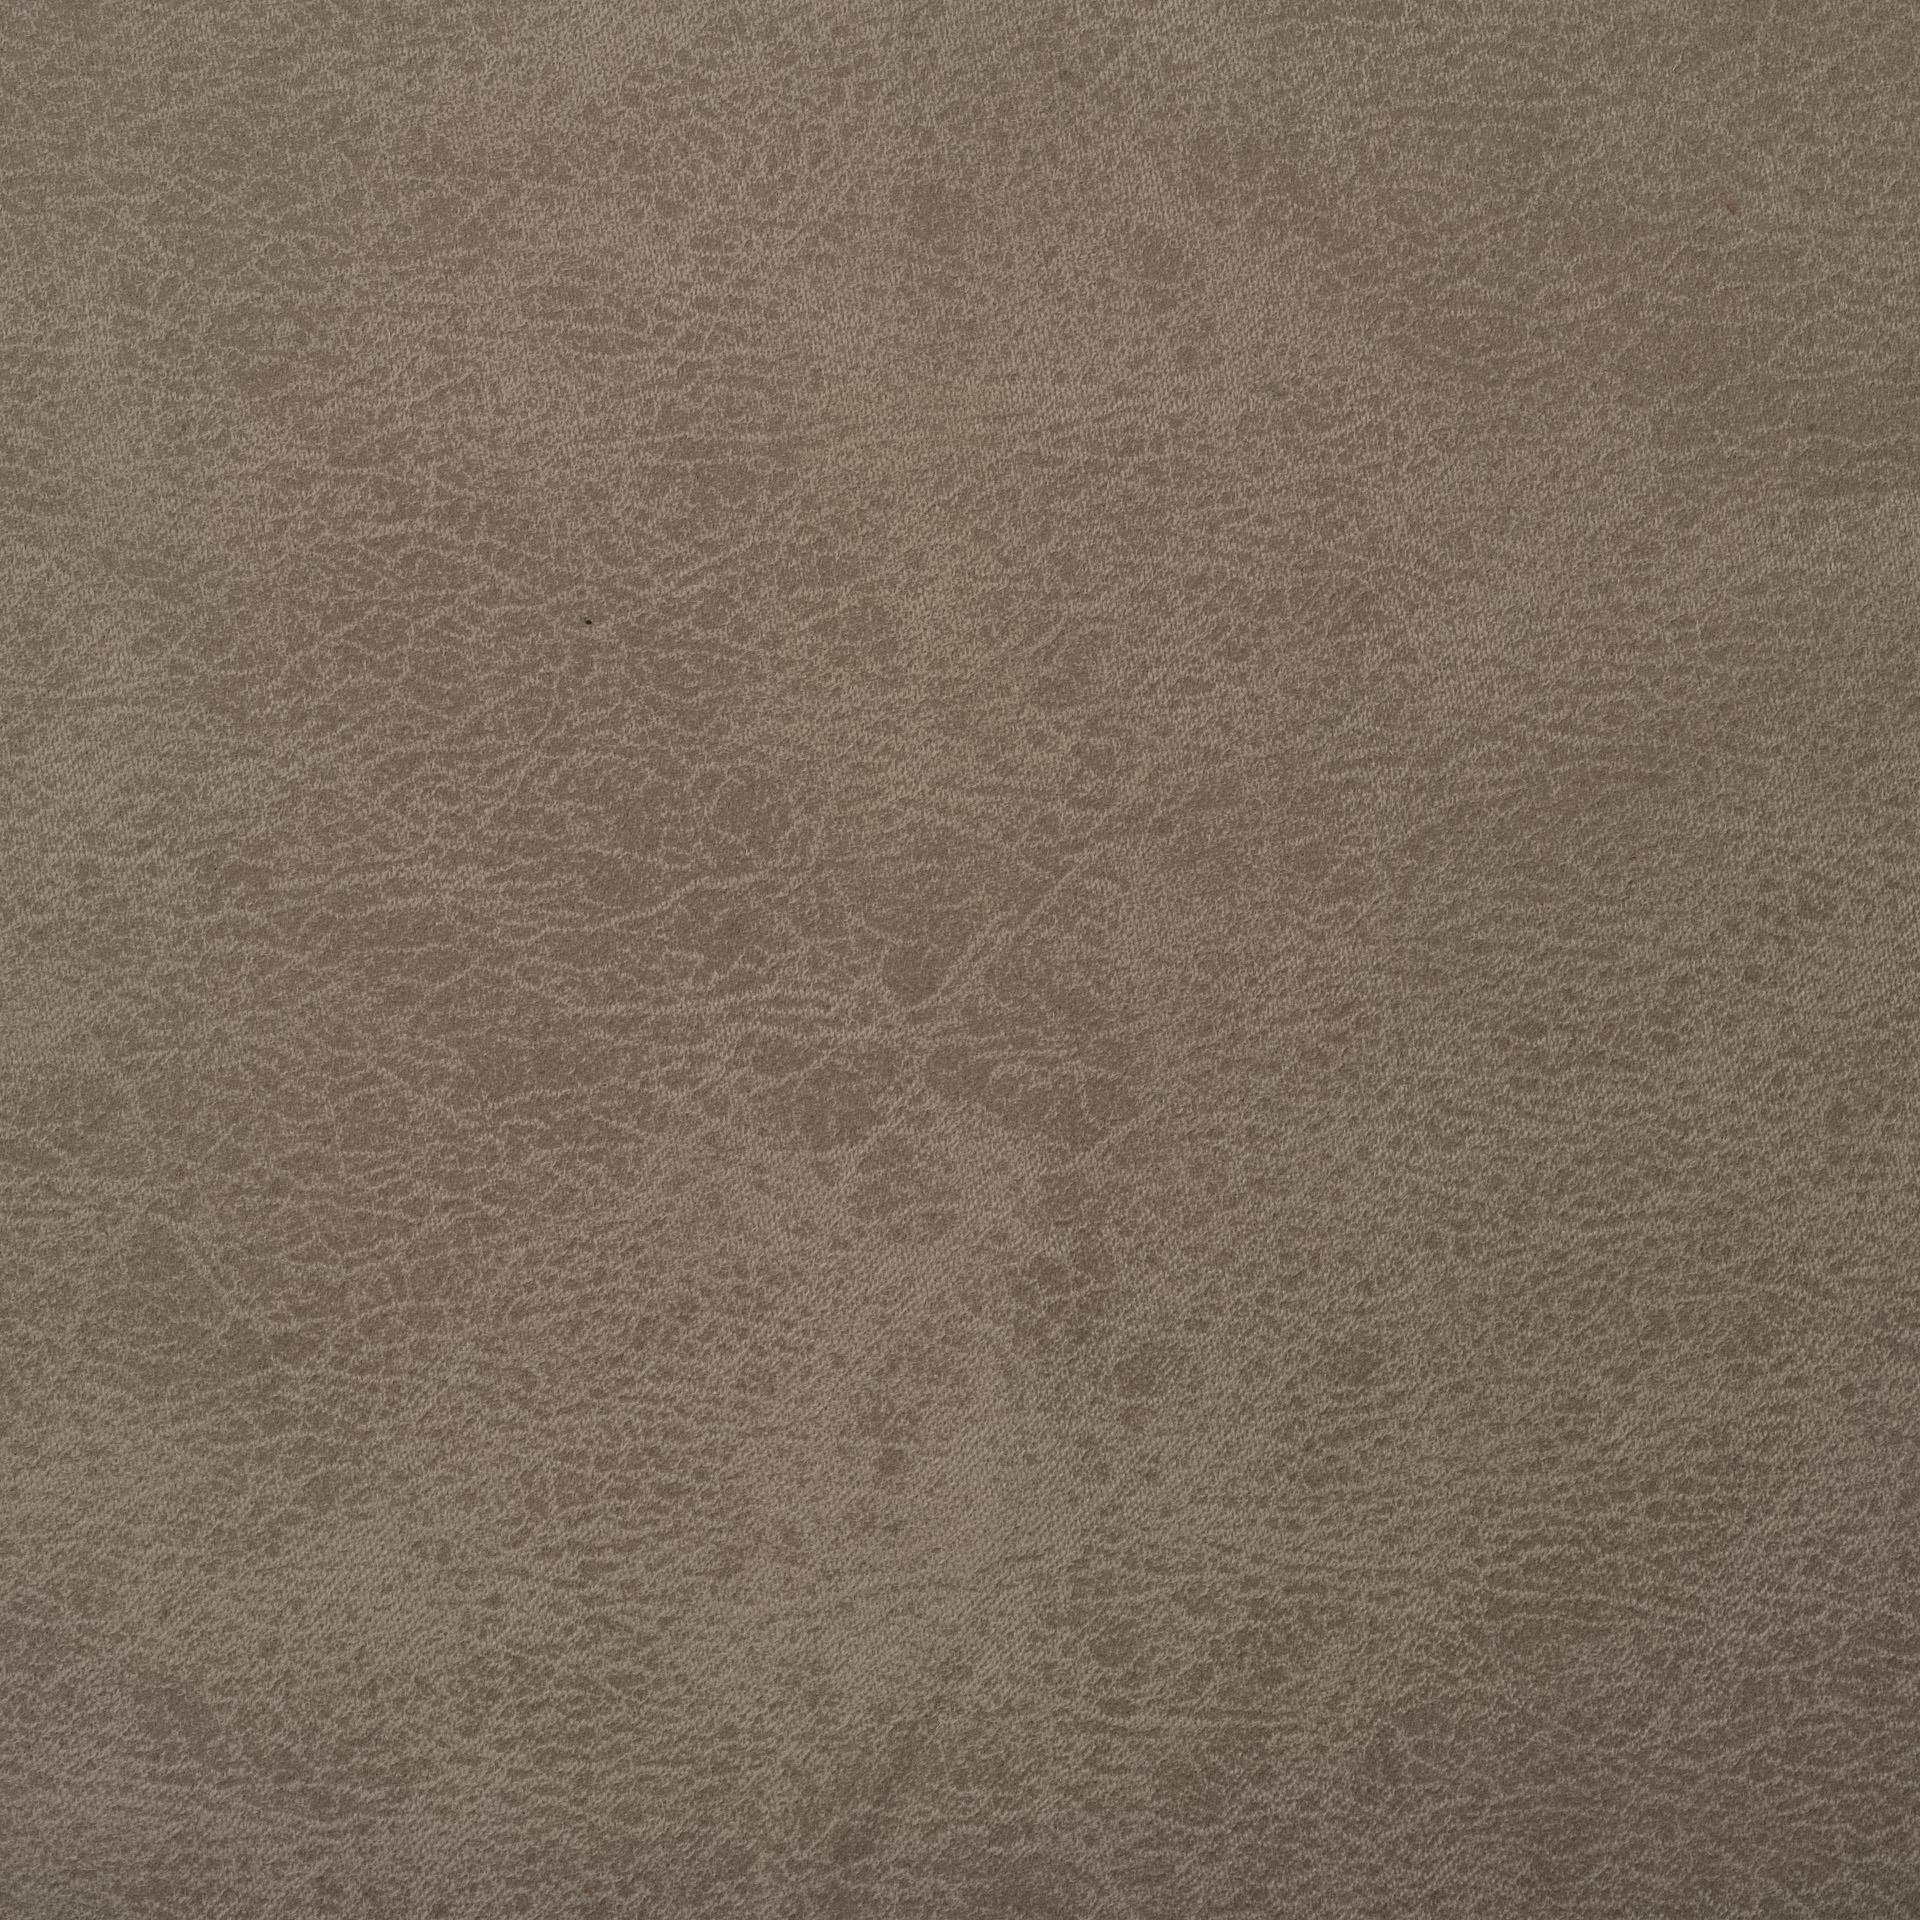 Коллекция ткани Лора 42,  купить ткань Велюр для мебели Украина